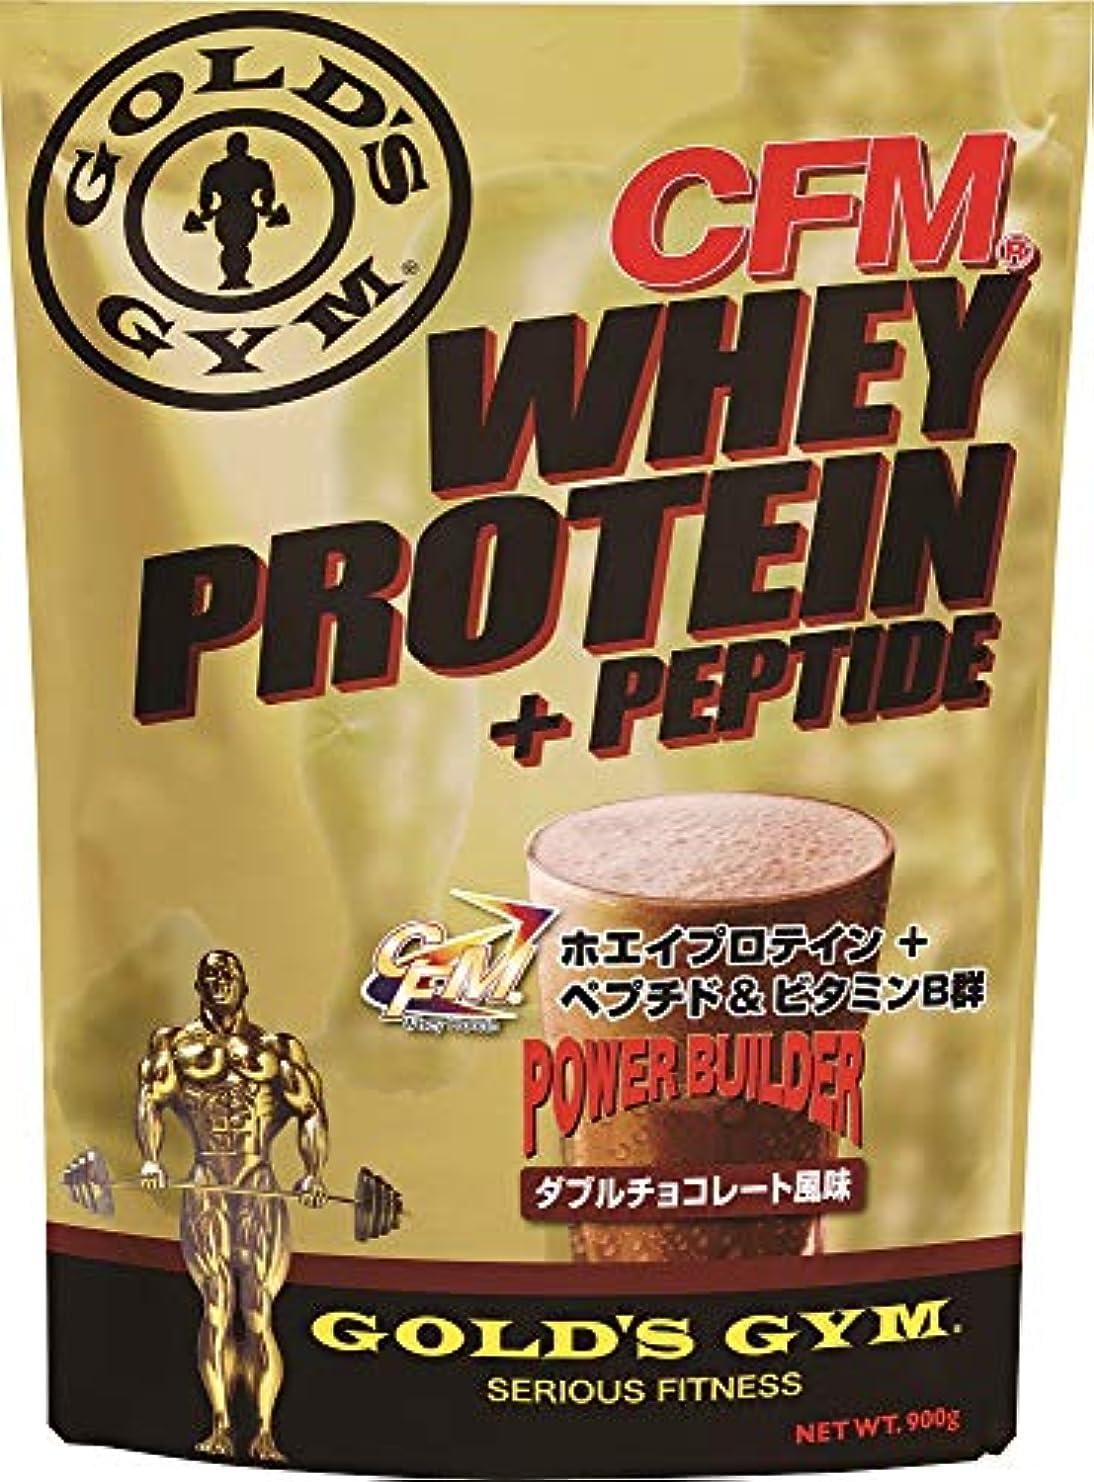 冷蔵庫息切れ風邪をひくゴールドジム(GOLD'S GYM) CFMホエイプロテイン ダブルチョコレート風味 2kg